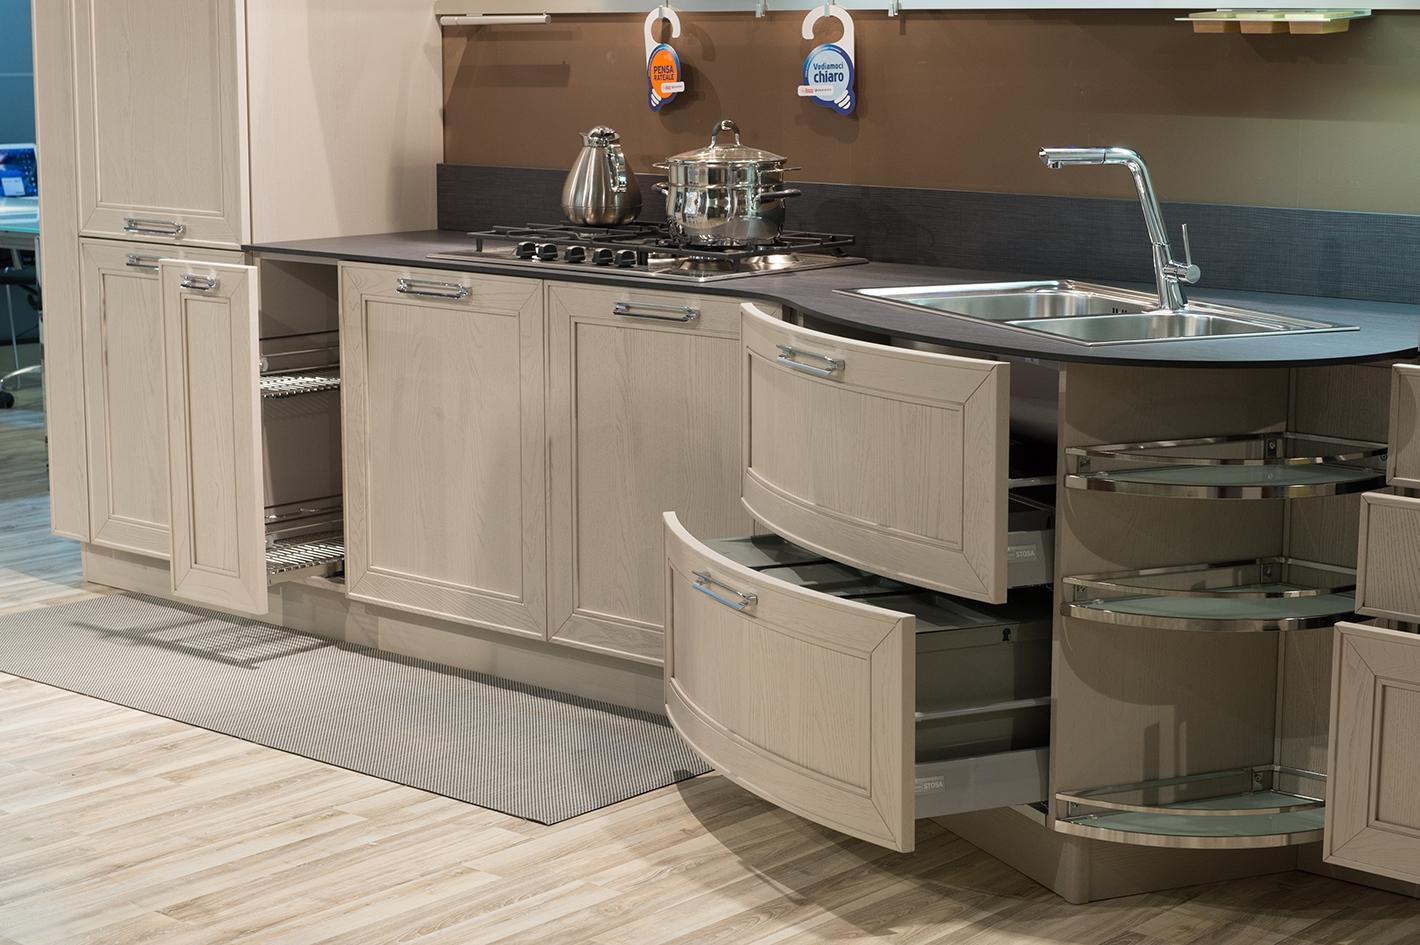 Cucina stosa mod maxim completa di elettrodomestici 20232 for Cucine in offerta prezzi